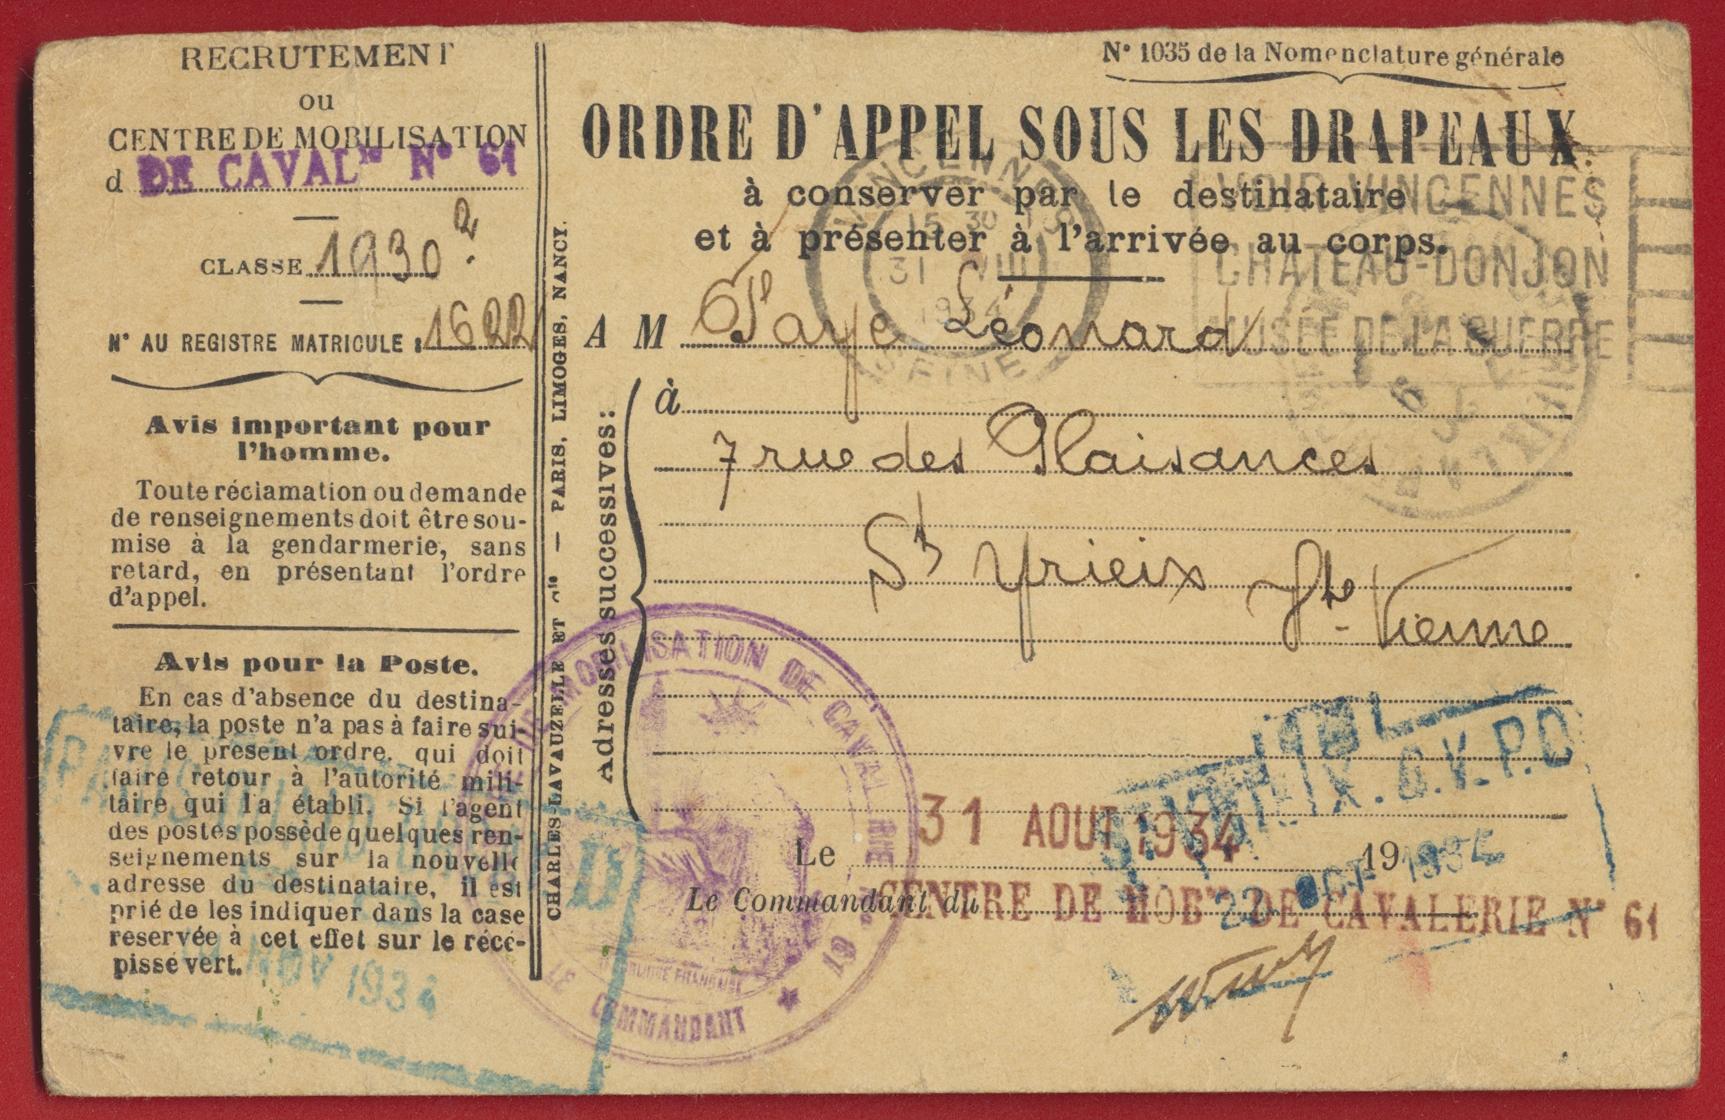 carte-ordre-appel-sous-les-drapeaux-centre-mobilisation-cavalerie-61-1934